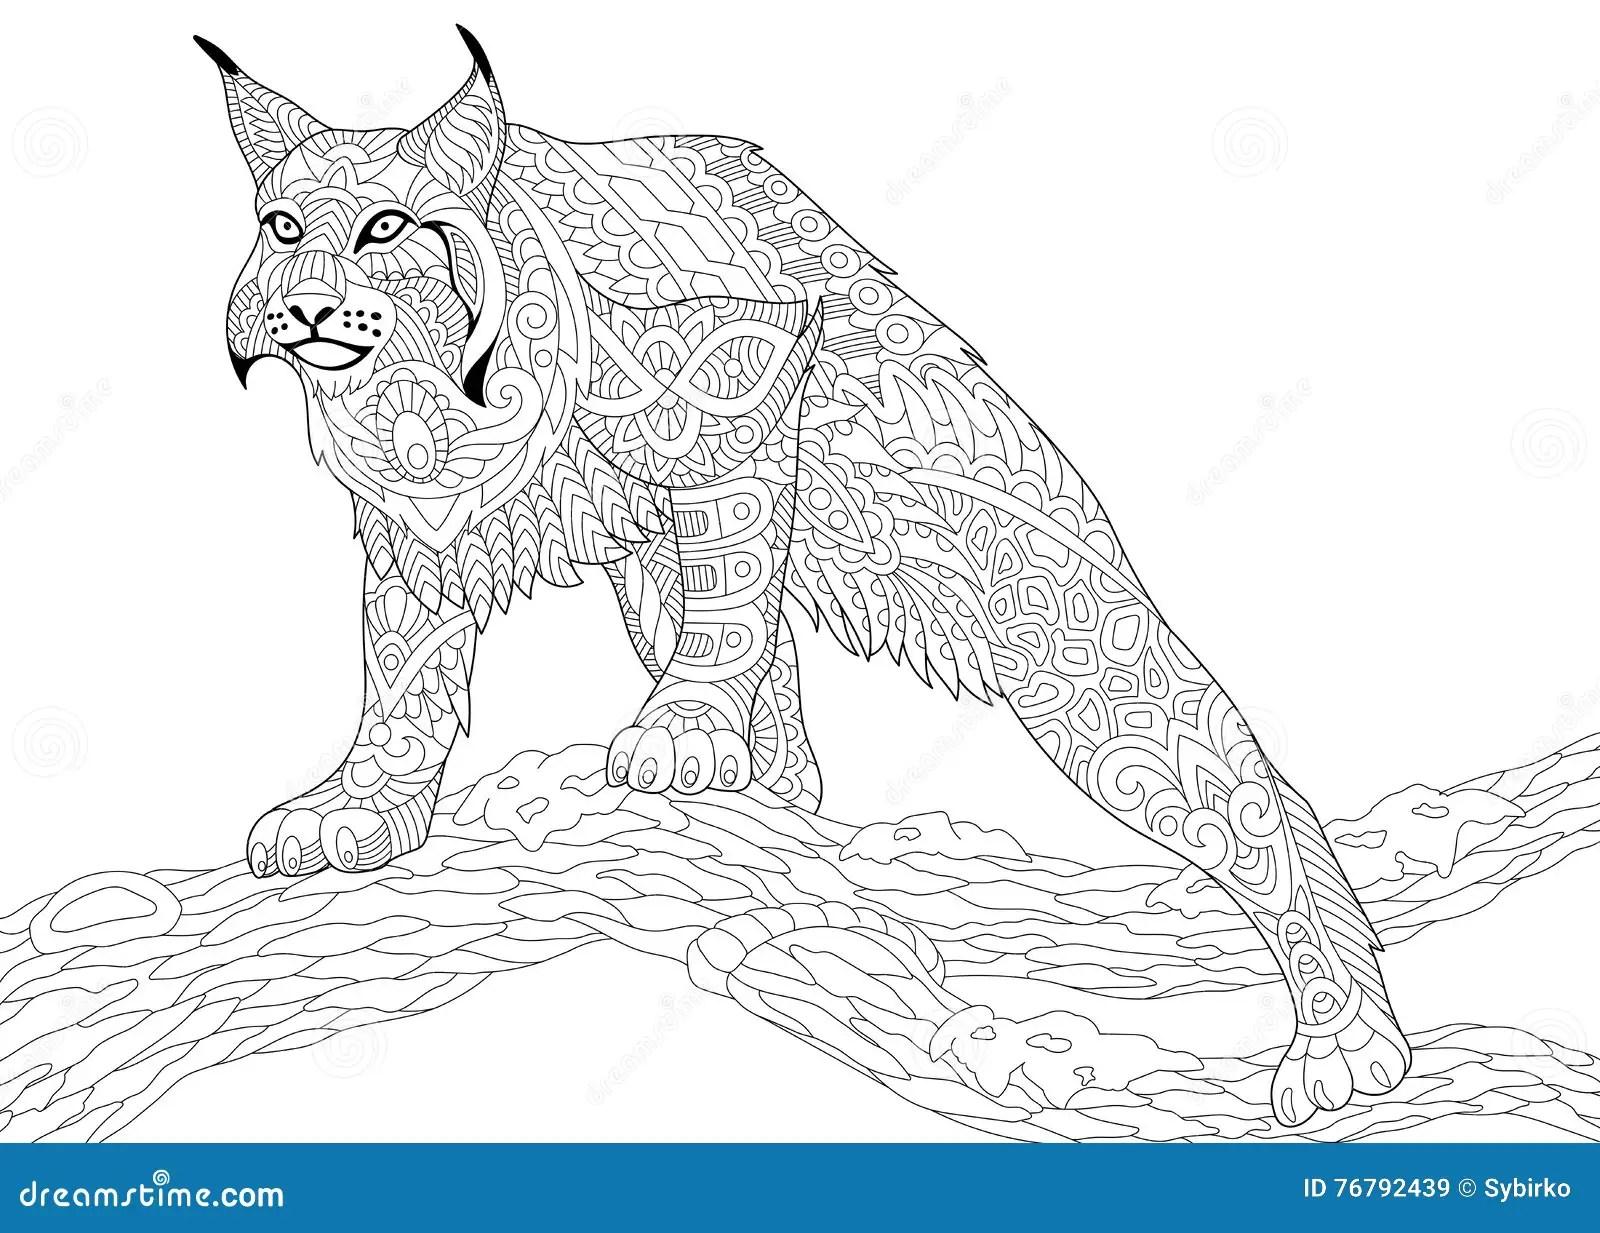 Cartoon Bobcat Cartoons Illustrations Amp Vector Stock